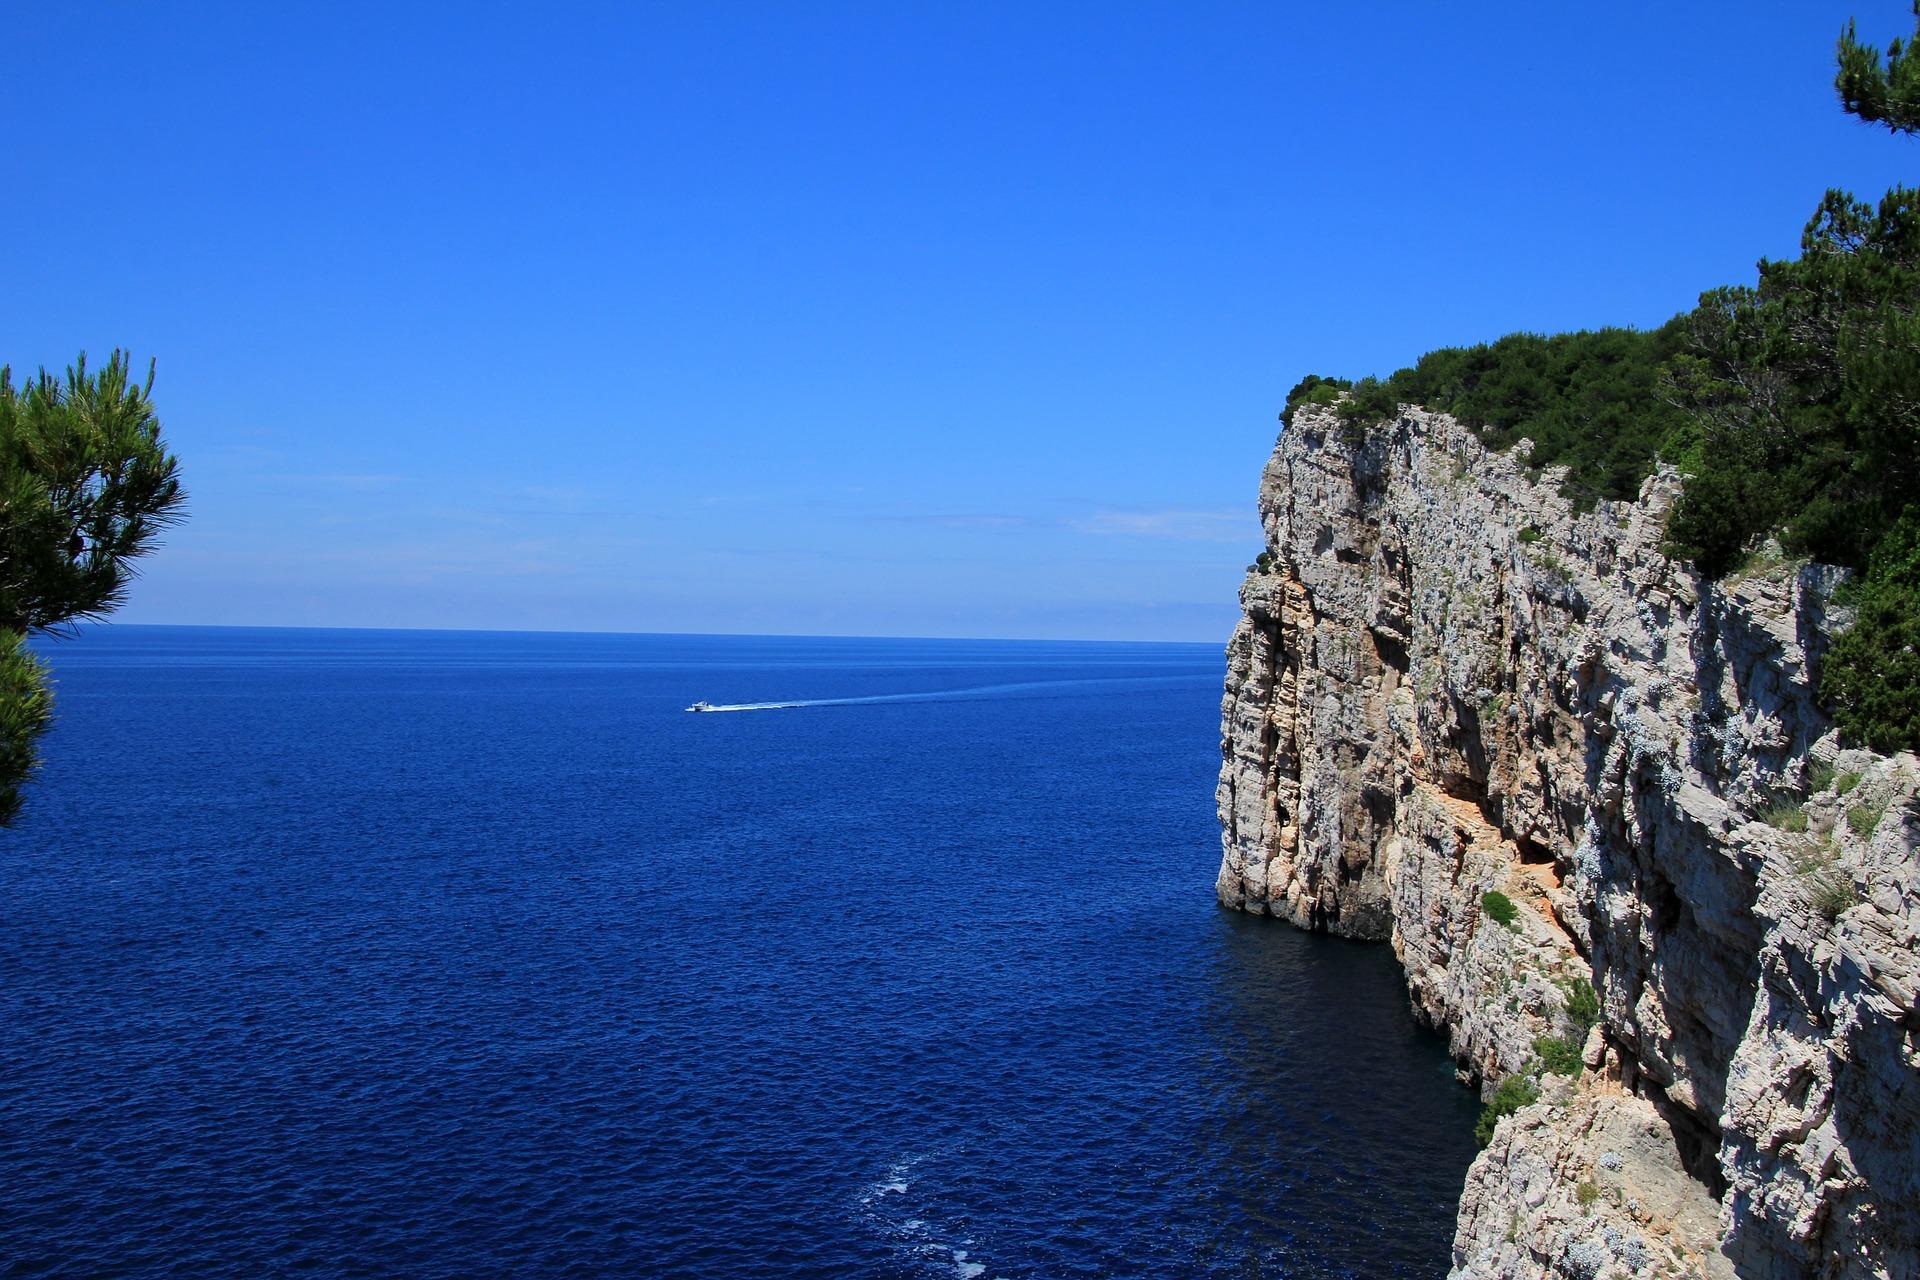 Wczasy w Chorwacji - czy warto?